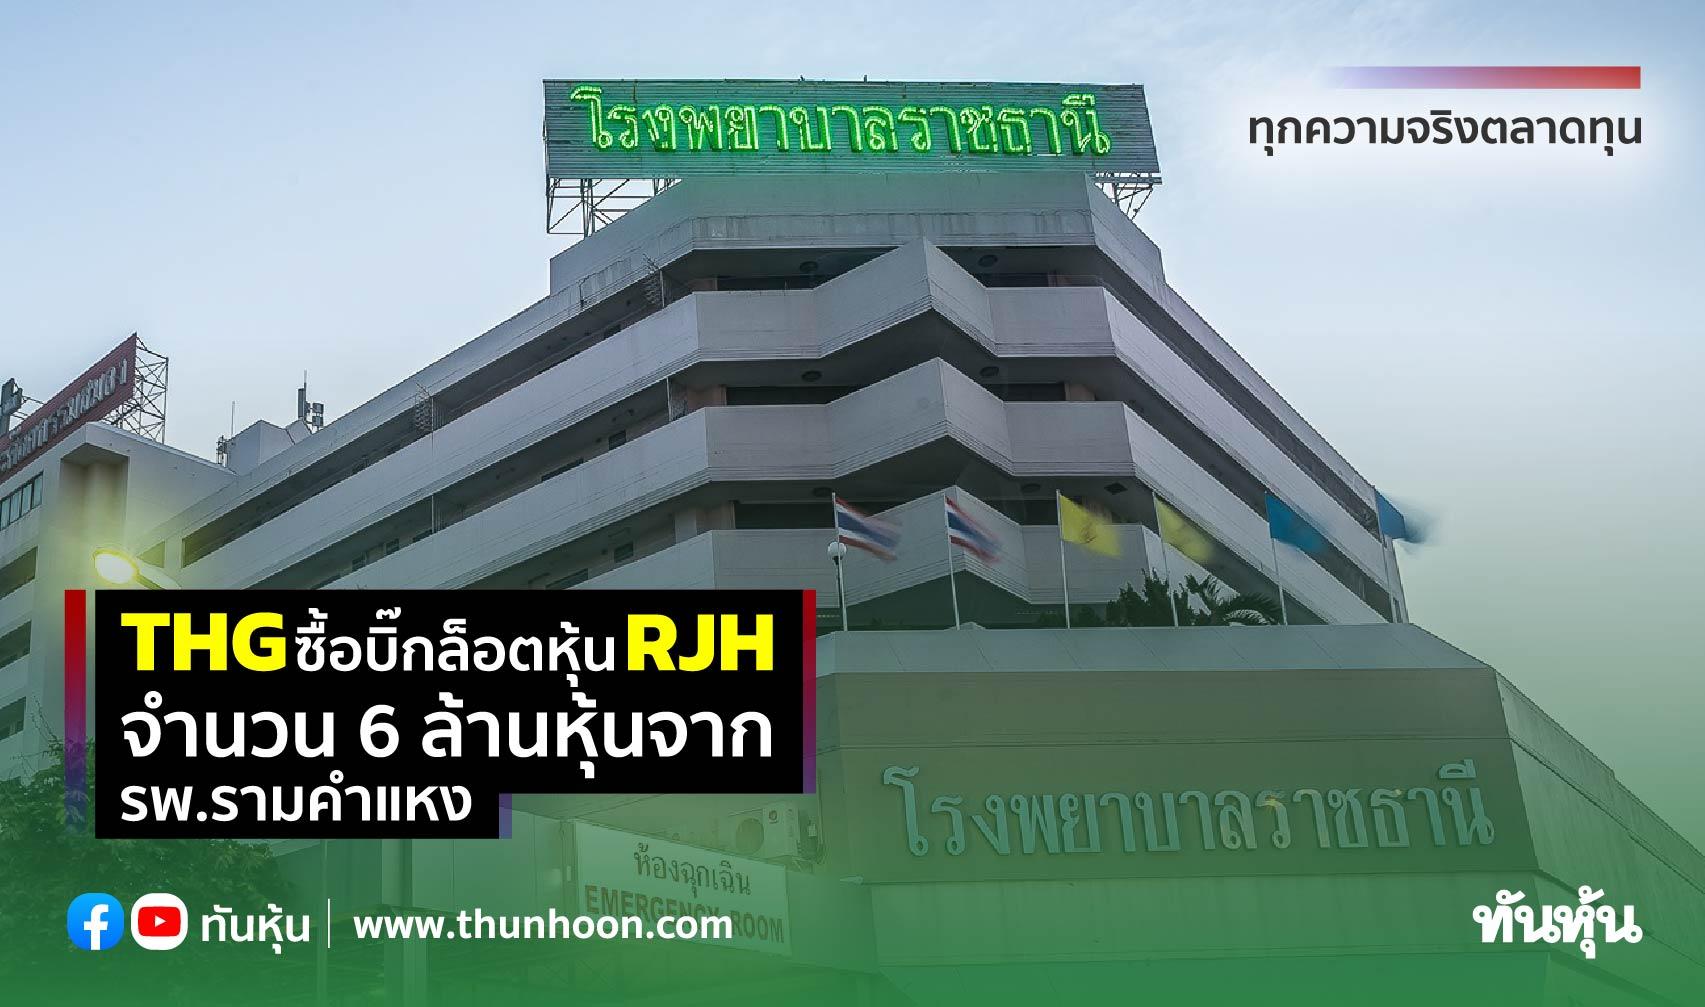 THG ซื้อบิ๊กล็อตหุ้น RJH จำนวน 6 ล้านหุ้นจากรพ.รามคำแหง, ถือหุ้นเพิ่มเป็น 5.07%